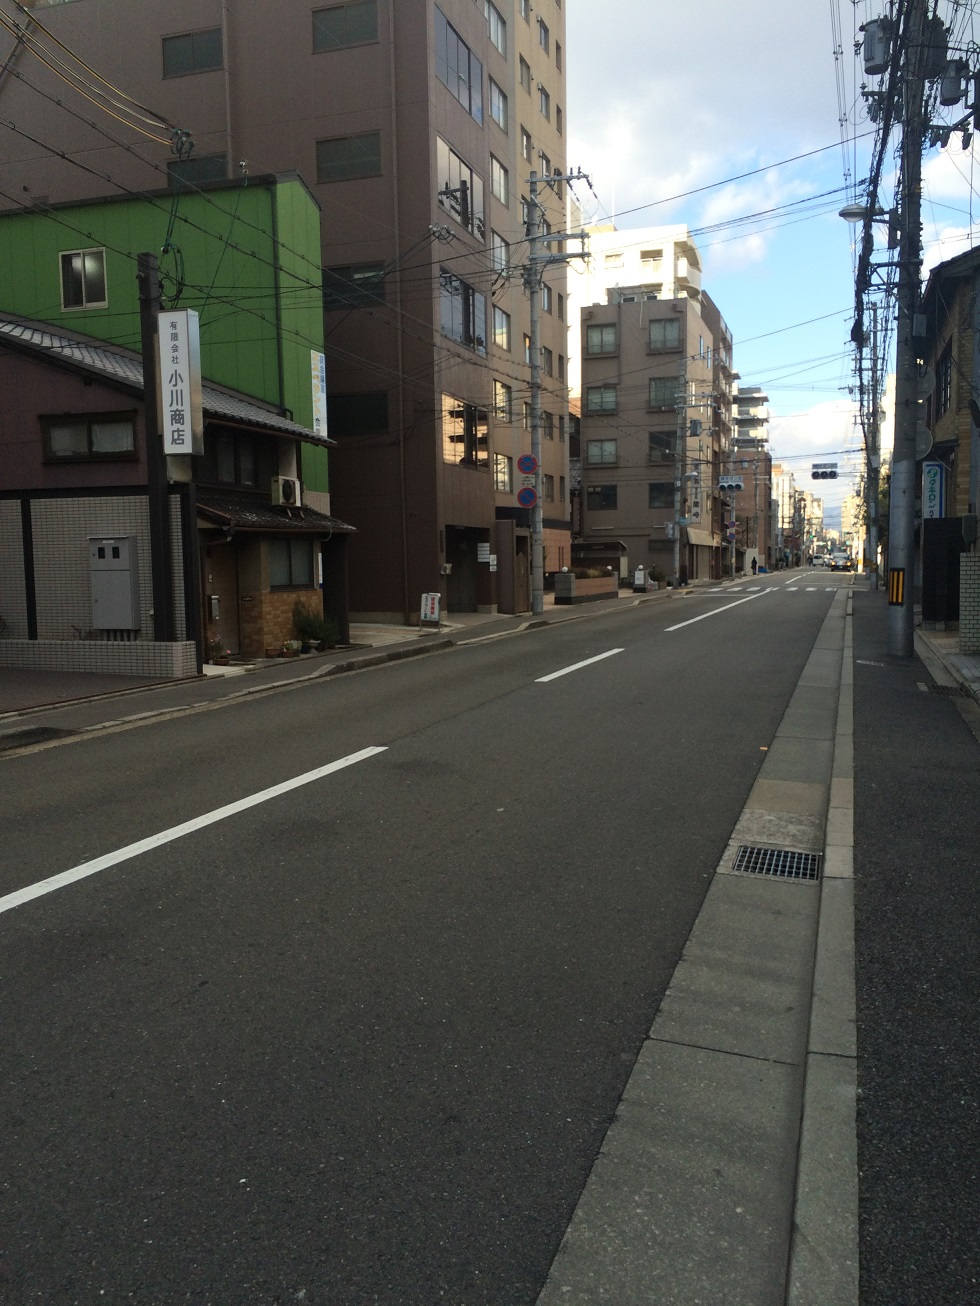 下京区_道路に面した5階建てビルの物件